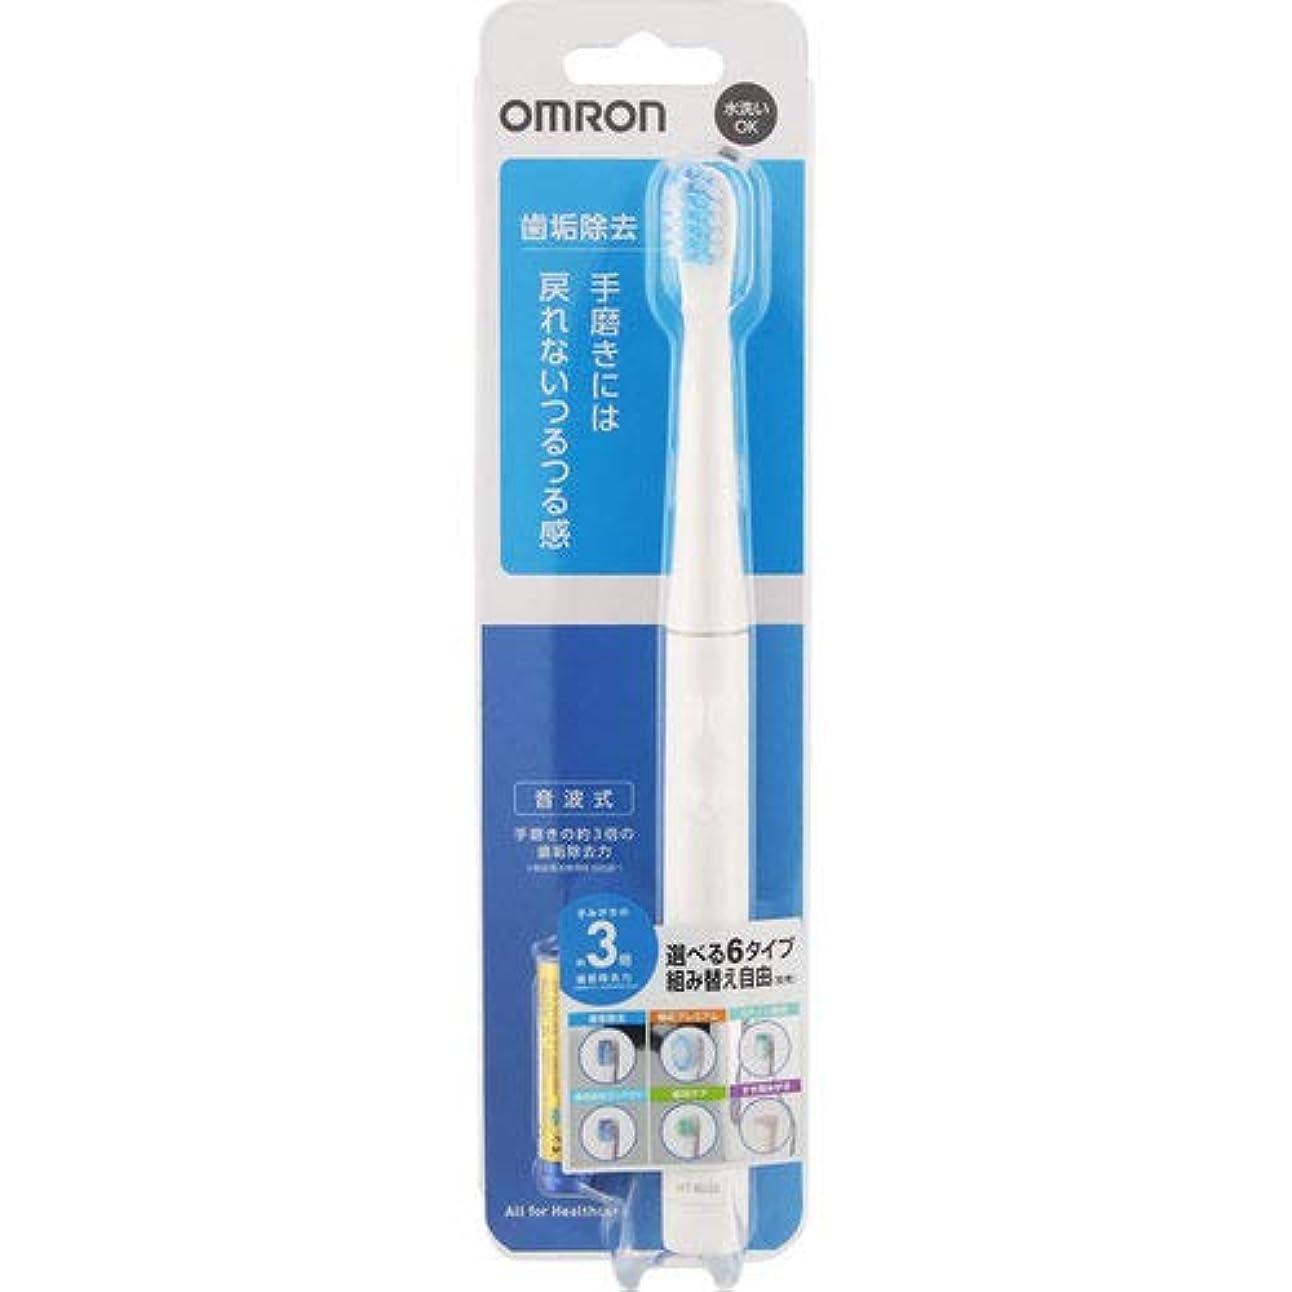 シュート水っぽい不良品オムロン 電動歯ブラシ HT-B220-W ホワイト 電池式